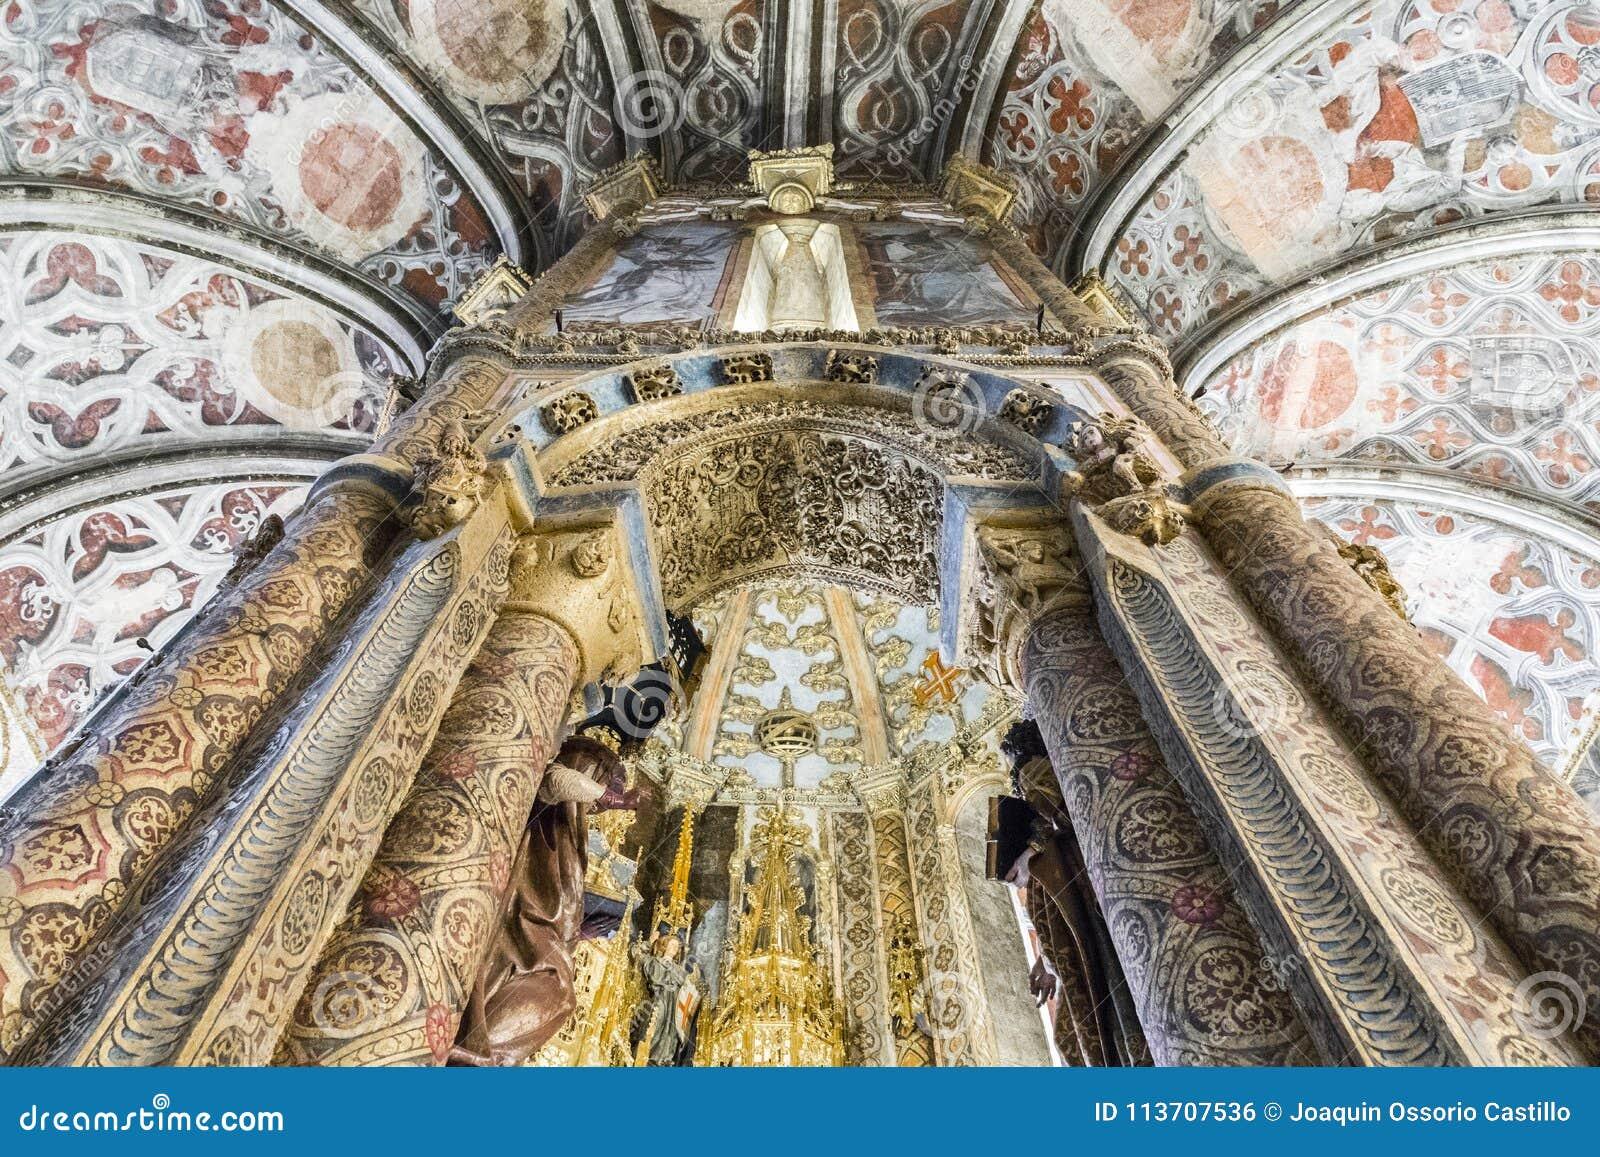 Convento de Cristo, Tomar, Portugal